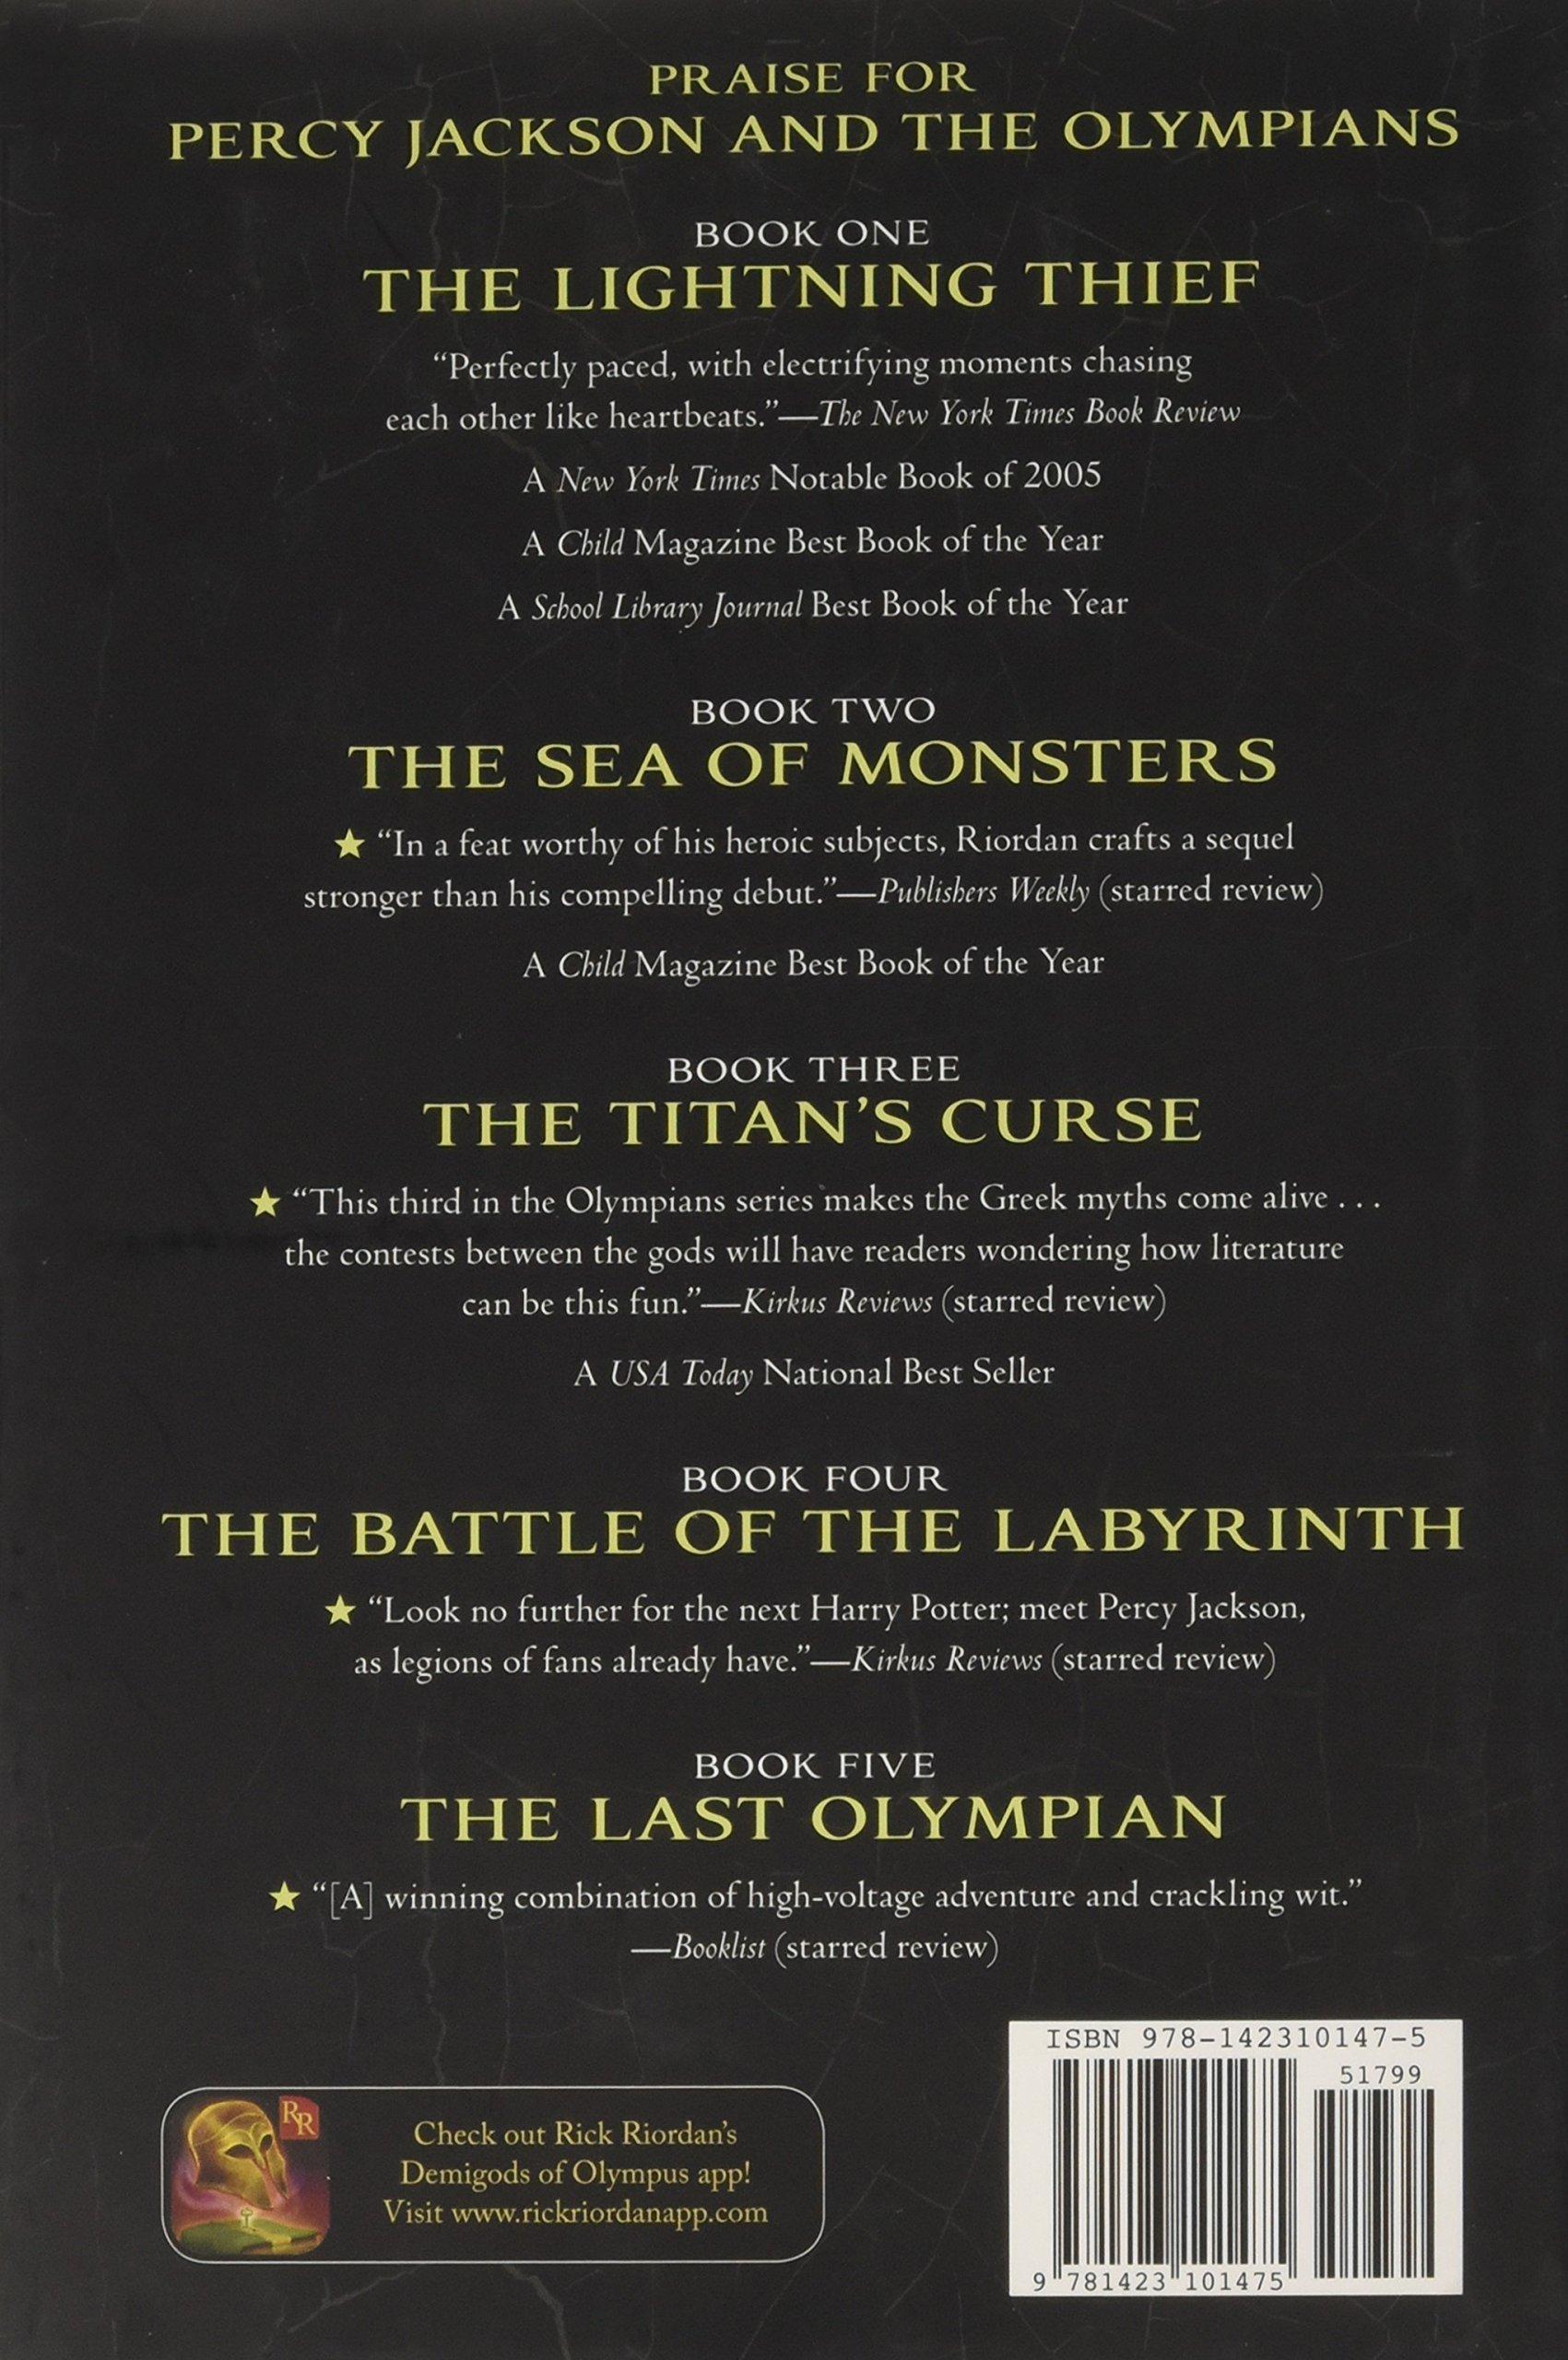 The Last Olympian (percy Jackson And The Olympians, Book 5): Rick Riordan:  9781423101475: Amazon: Books